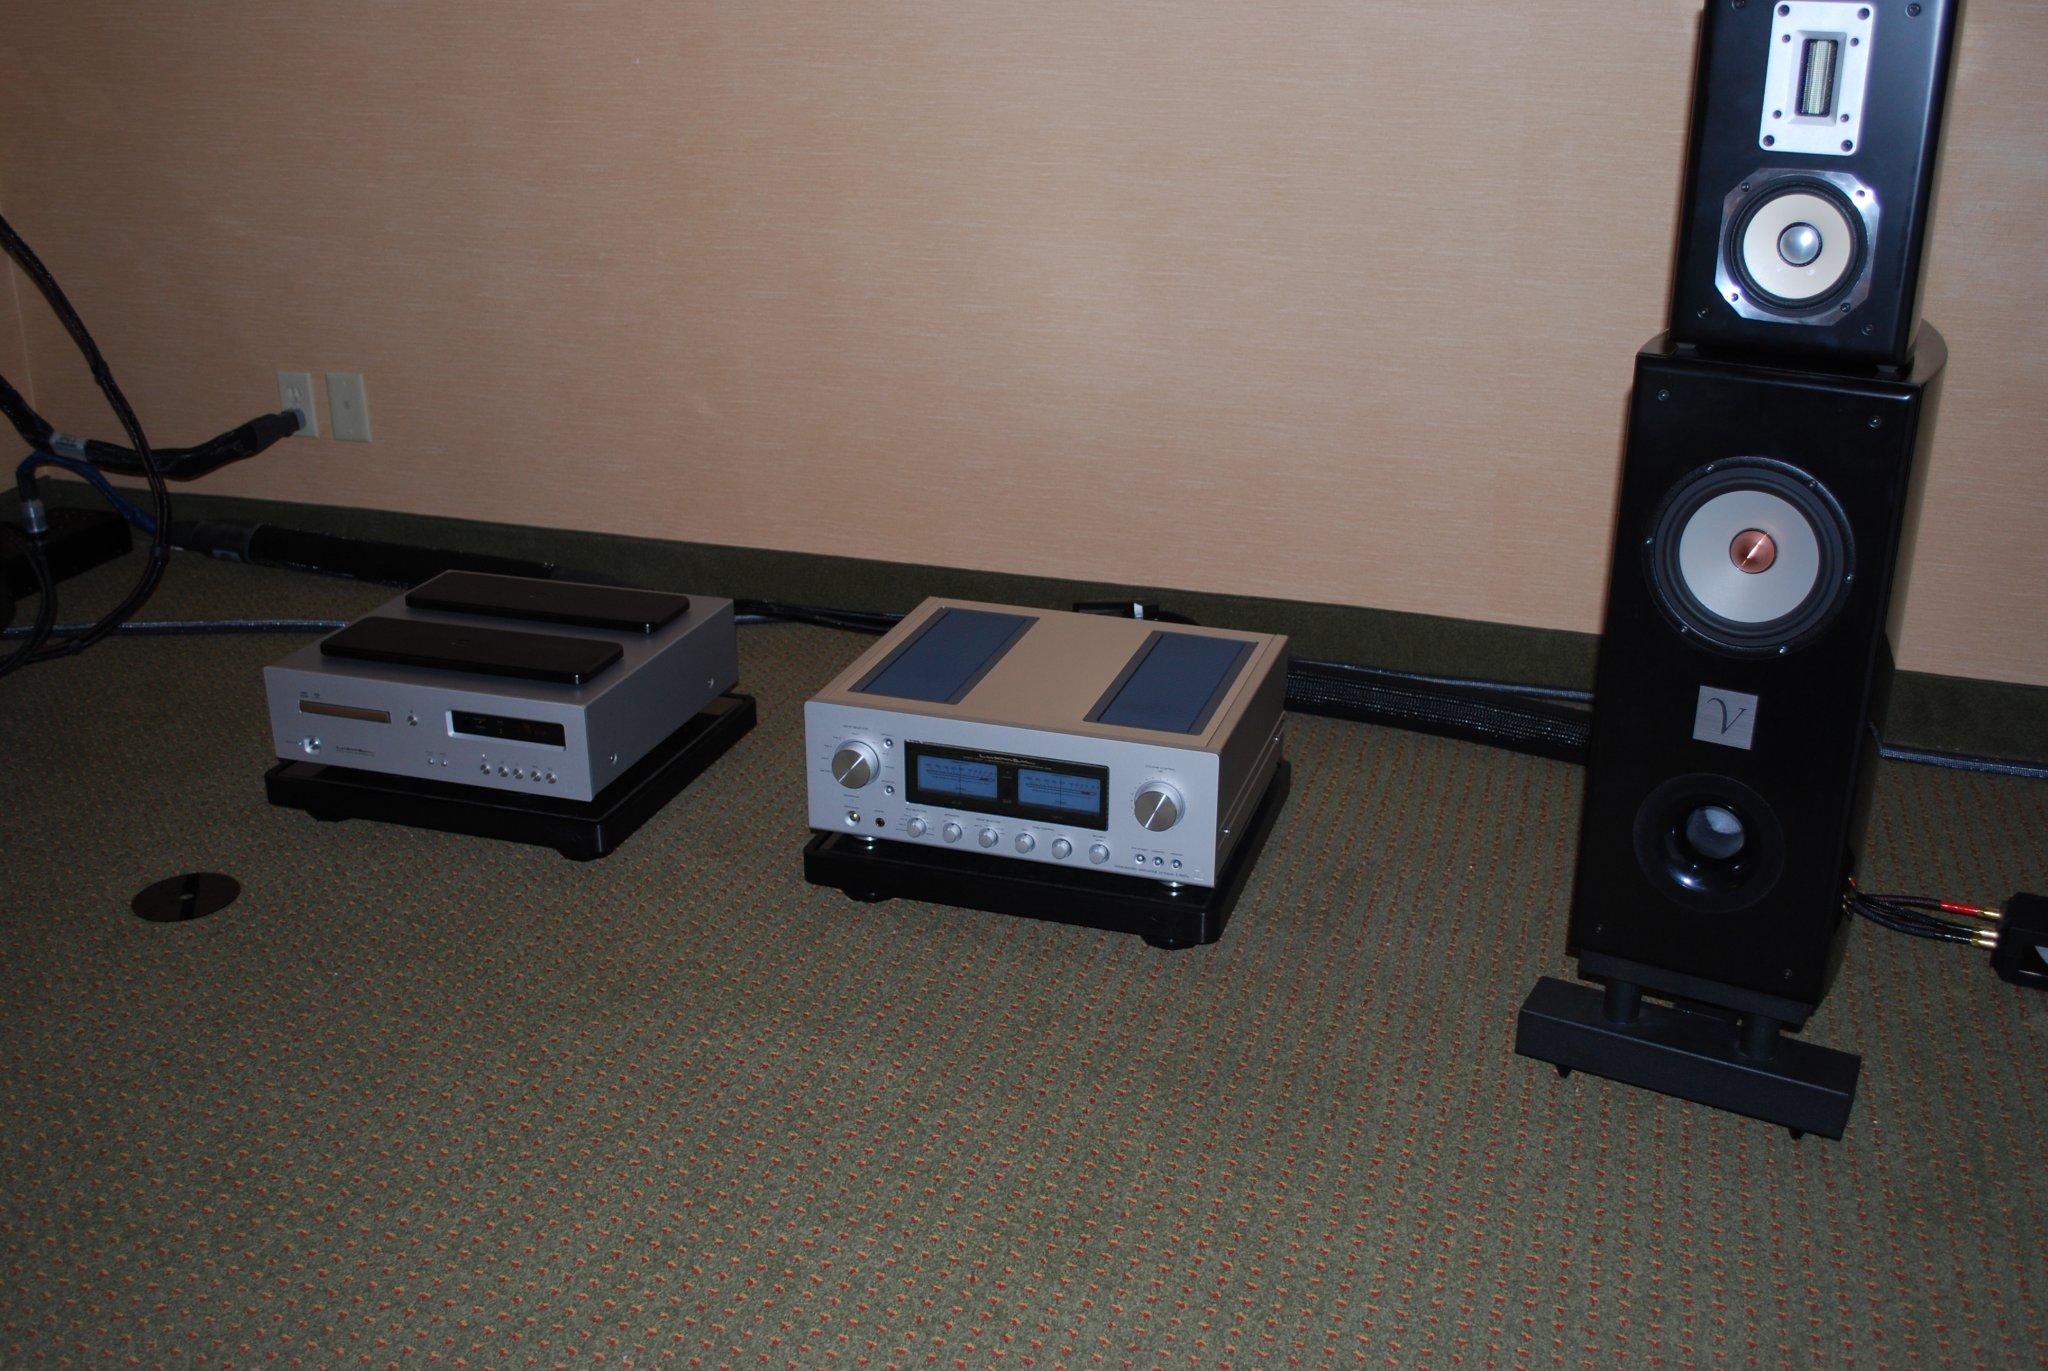 http://lonestaraudiofest.com/2010/Photos/Dsc_0056.jpg